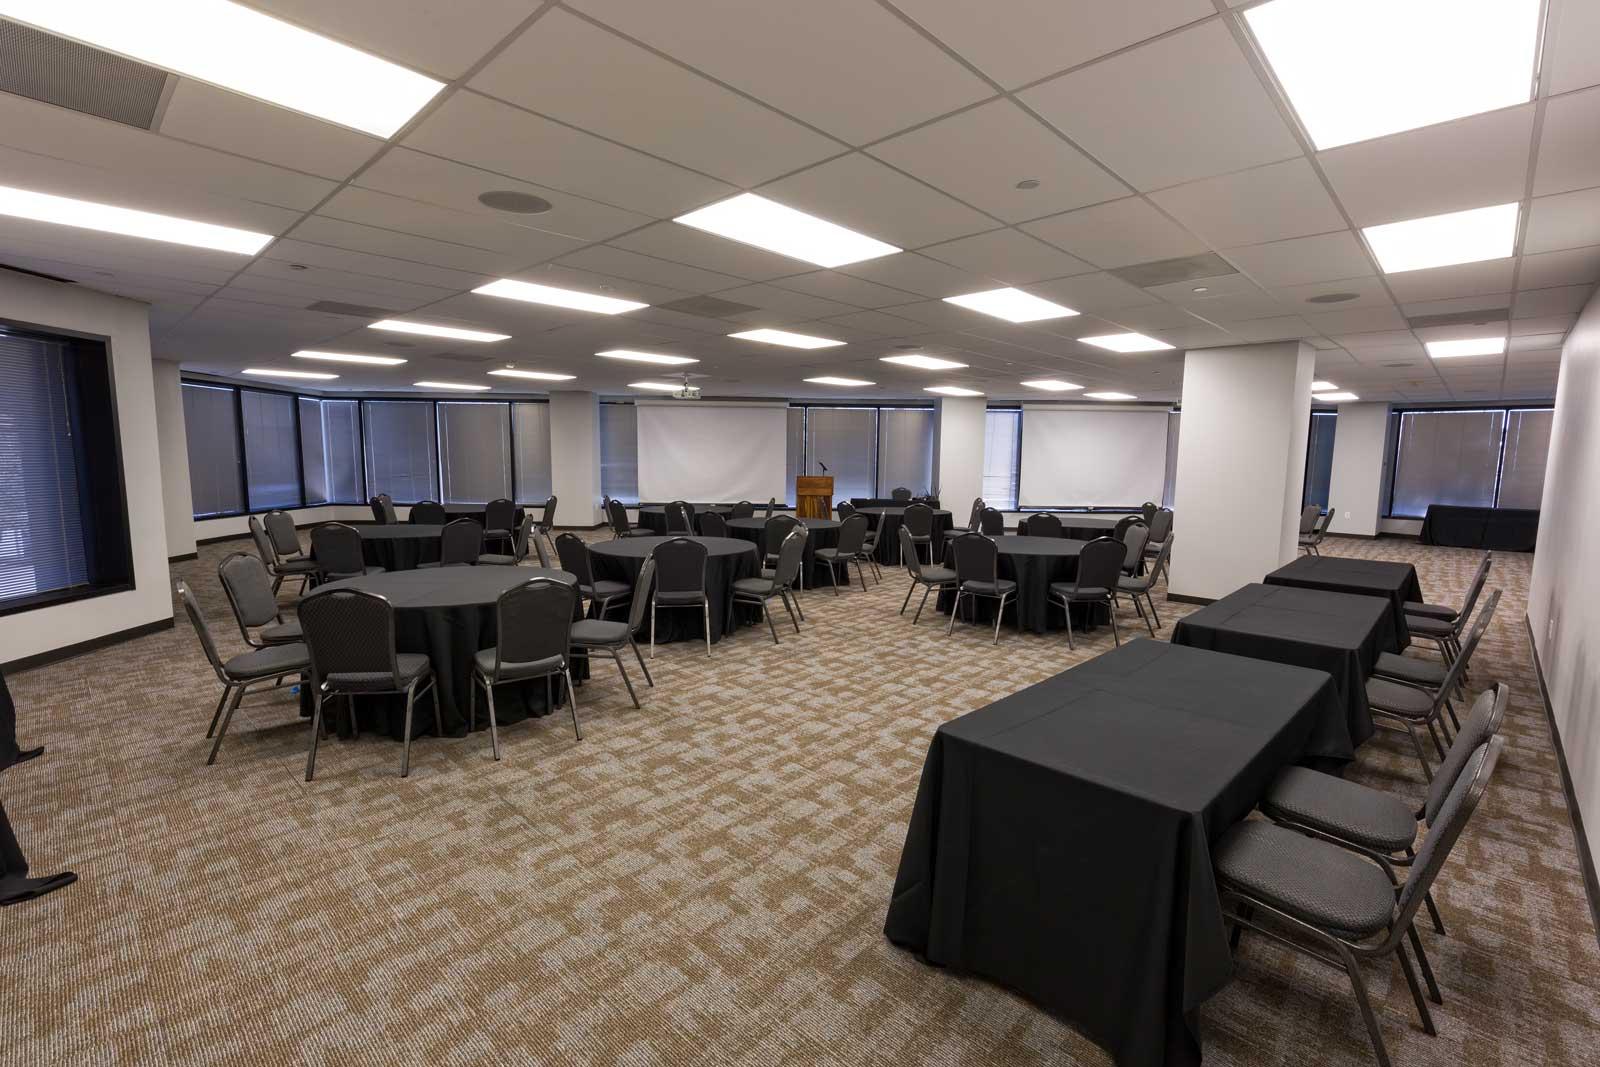 Norris Centers Dallas, Magnolia Room, Set in Crescent Rounds